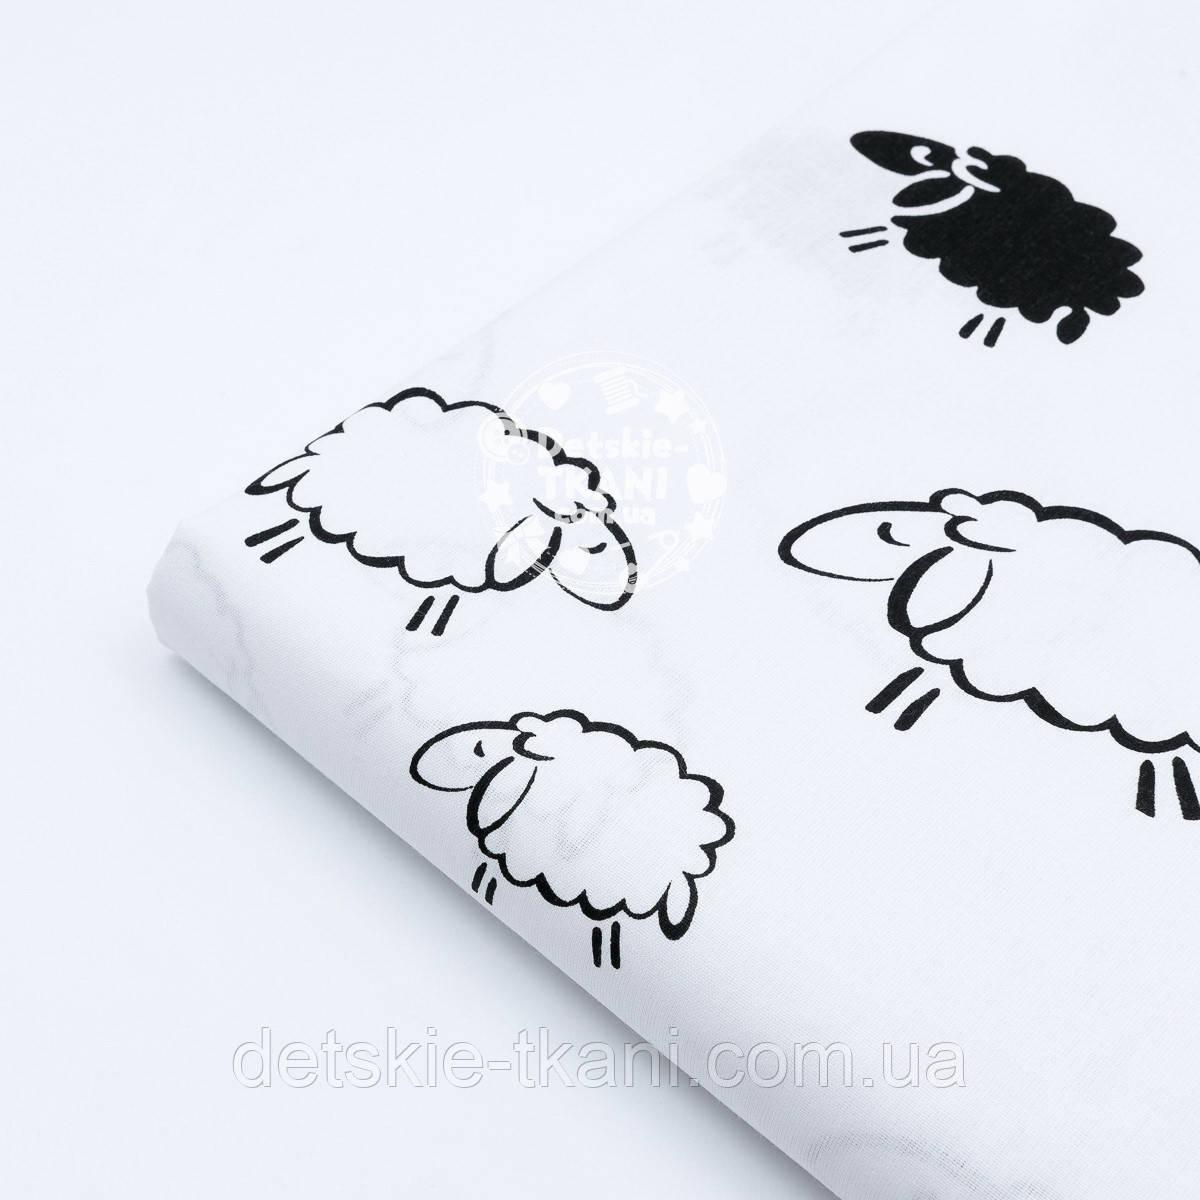 """Отрез ткани """"Контурные и чёрные овечки"""" на белом фоне, №1666"""